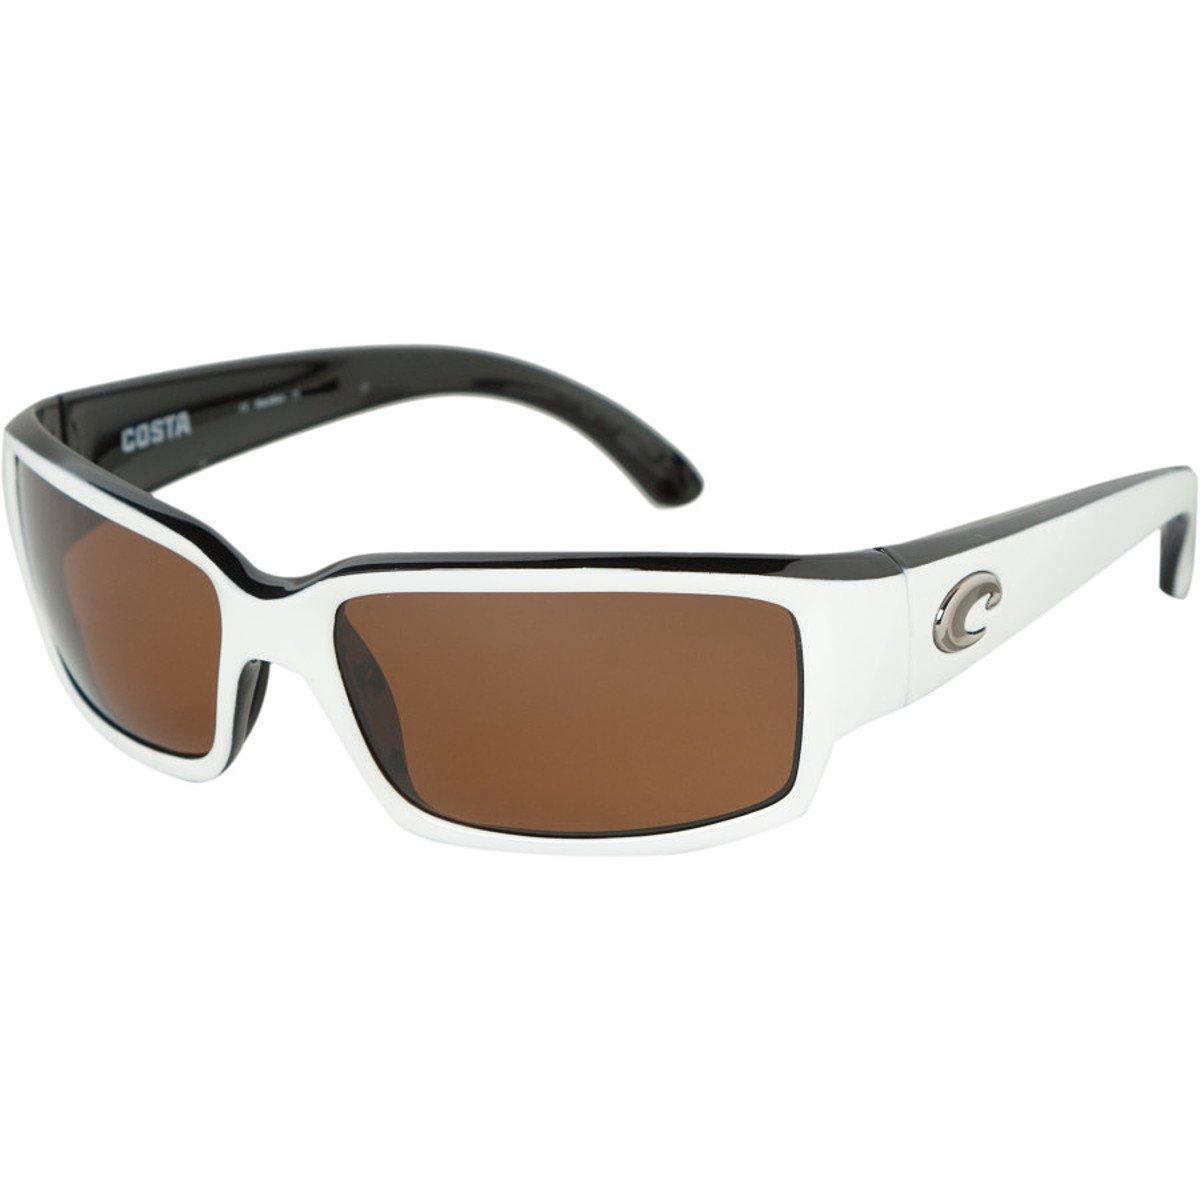 ed01614ebabb Amazon.com  Costa Caballito Polarized Sunglasses - Costa 580 Glass Lens  White-Black Copper